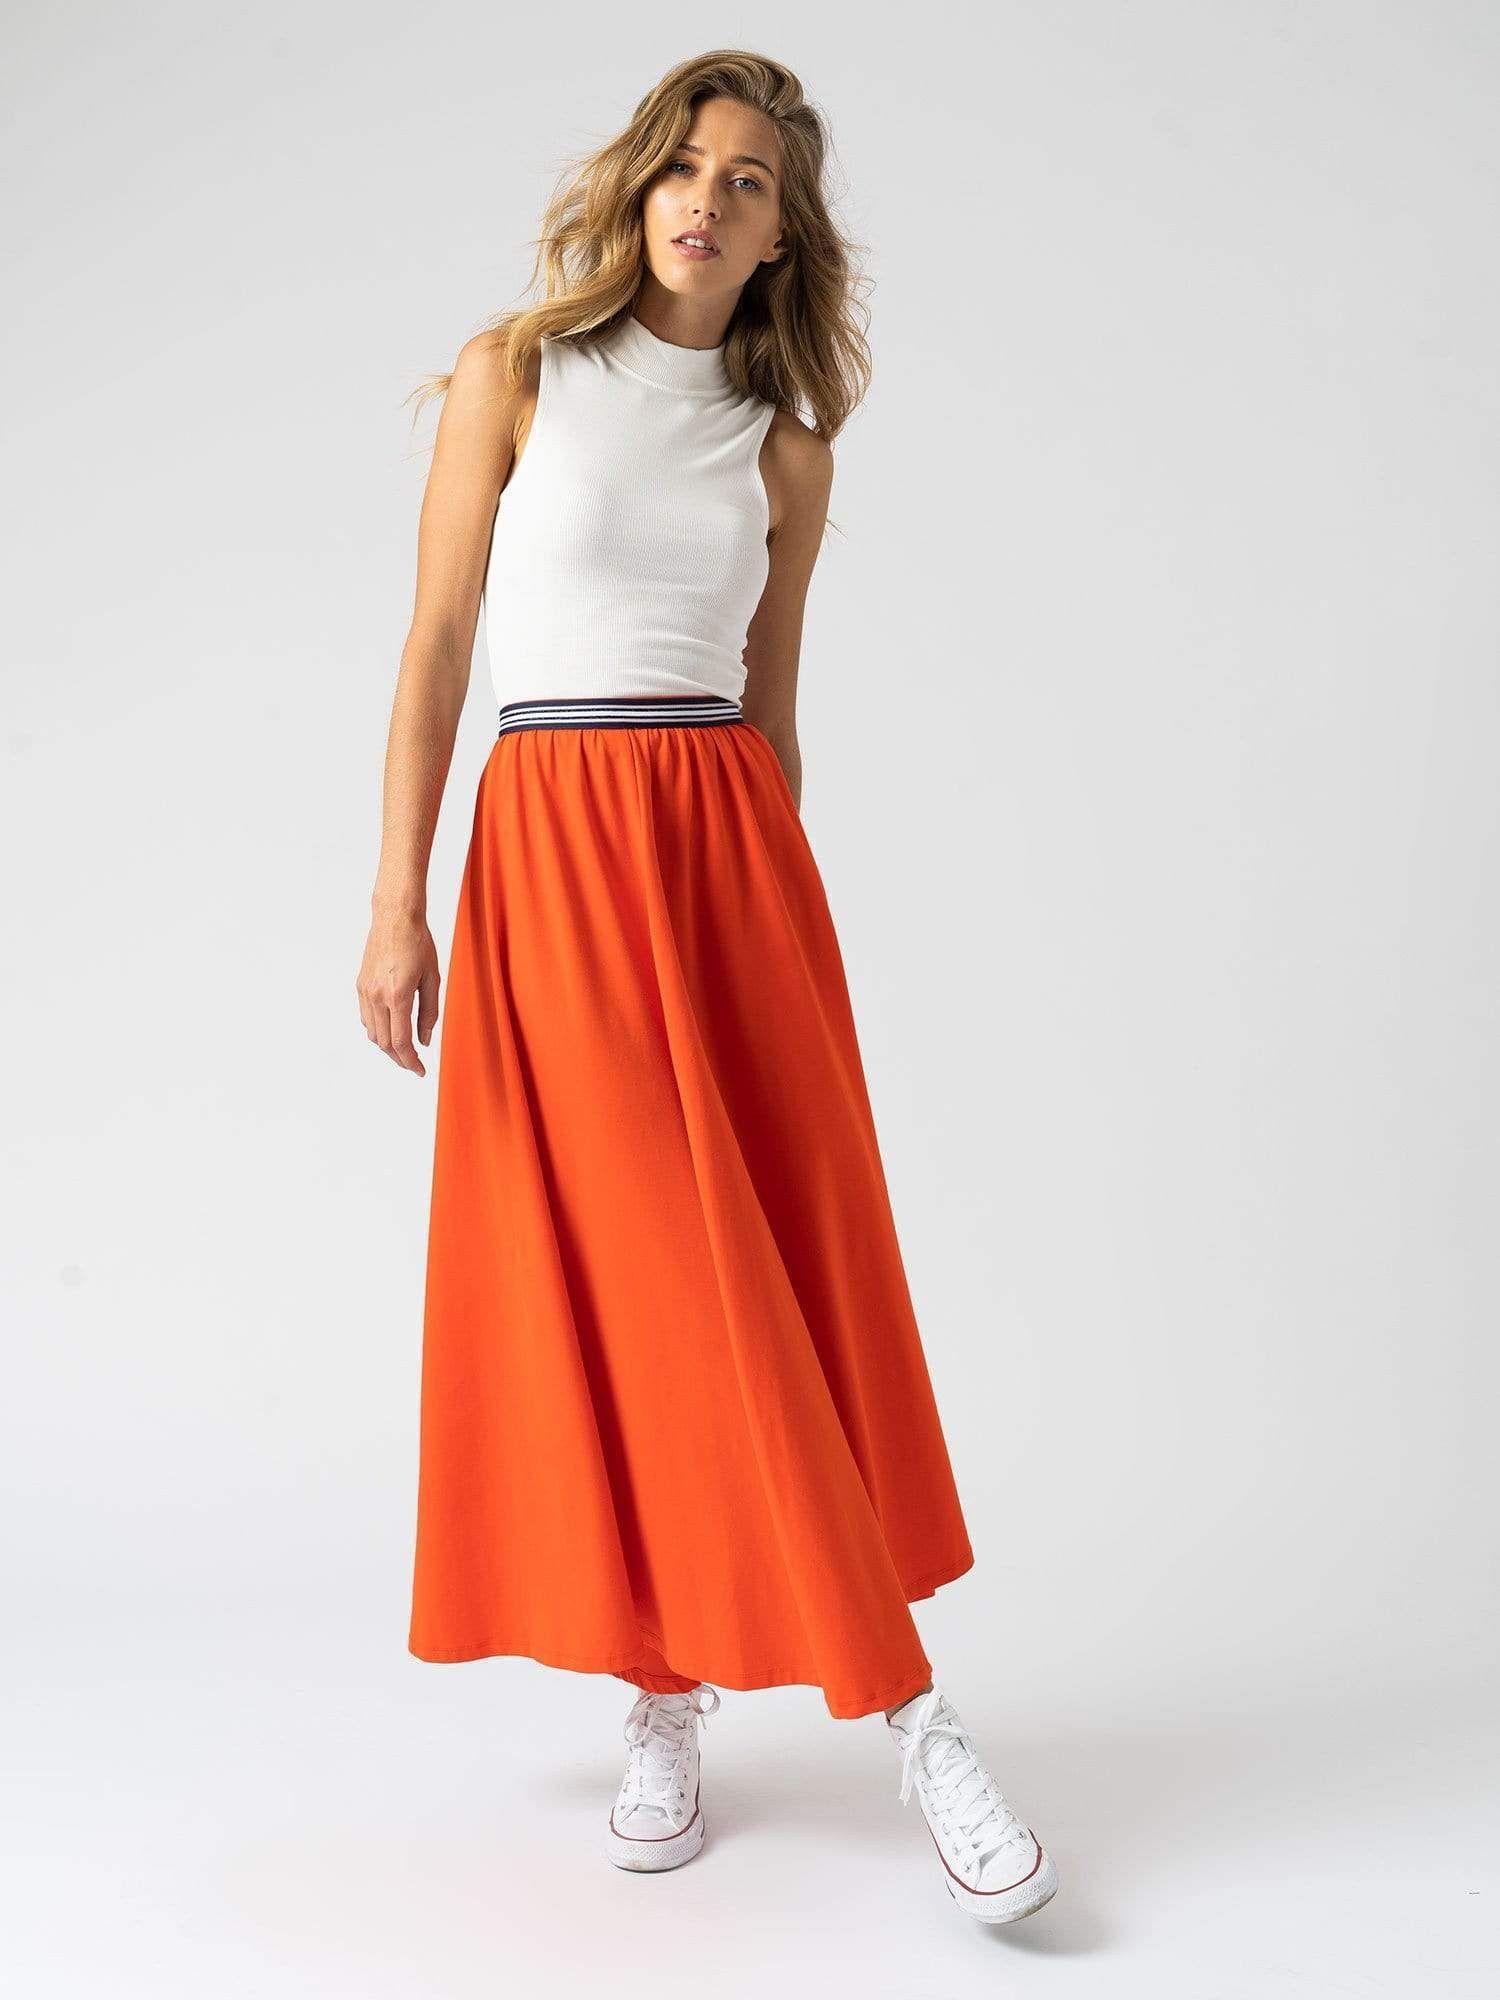 Dress Summer Maxi Skirt Fiesta Zaggora Uk Maxi Skirts Summer Elegant Skirt Maxi Skirt [ 2000 x 1500 Pixel ]